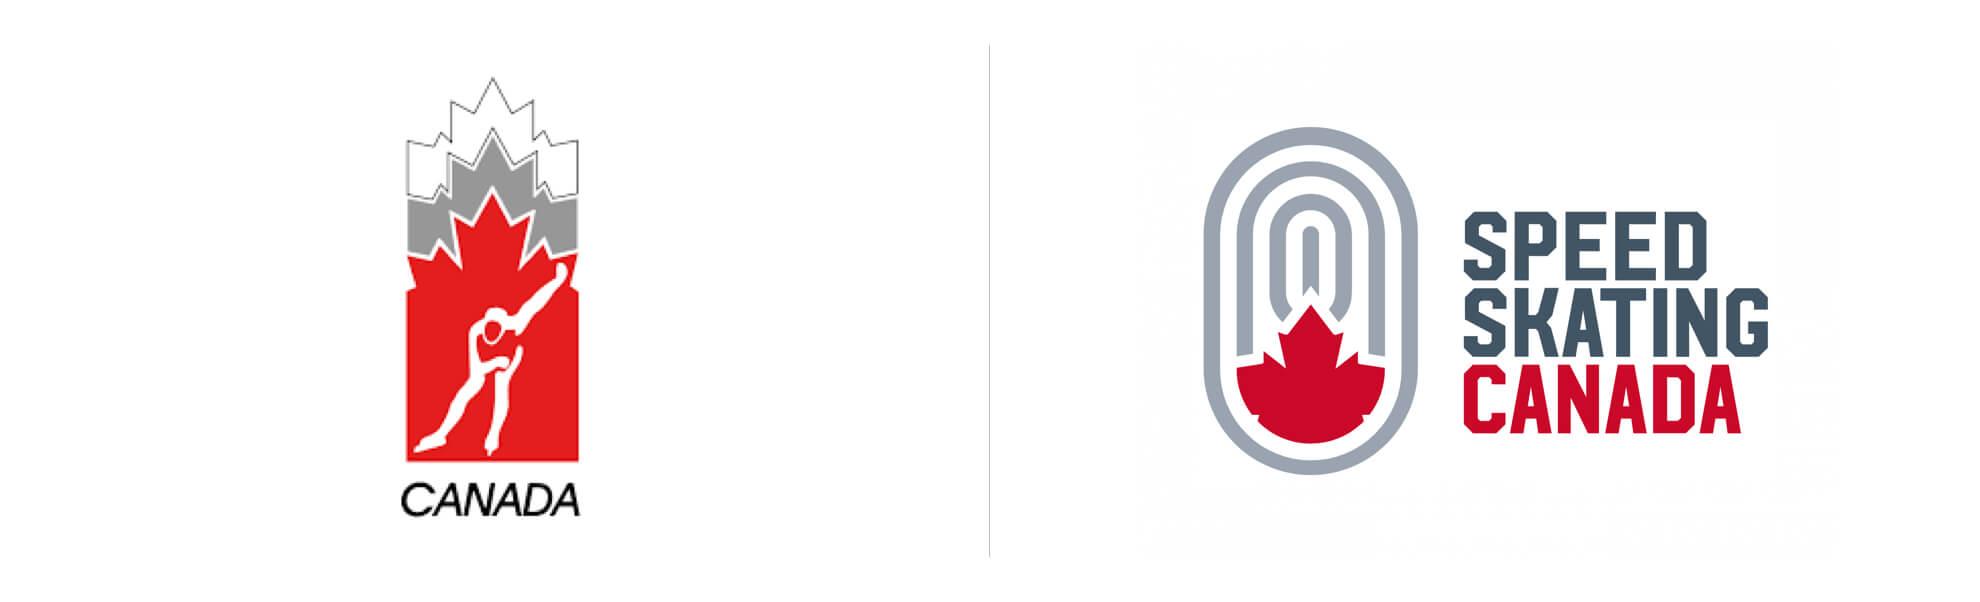 Kanadyjskie Łyżwiarstwo Szybkie znowym logo